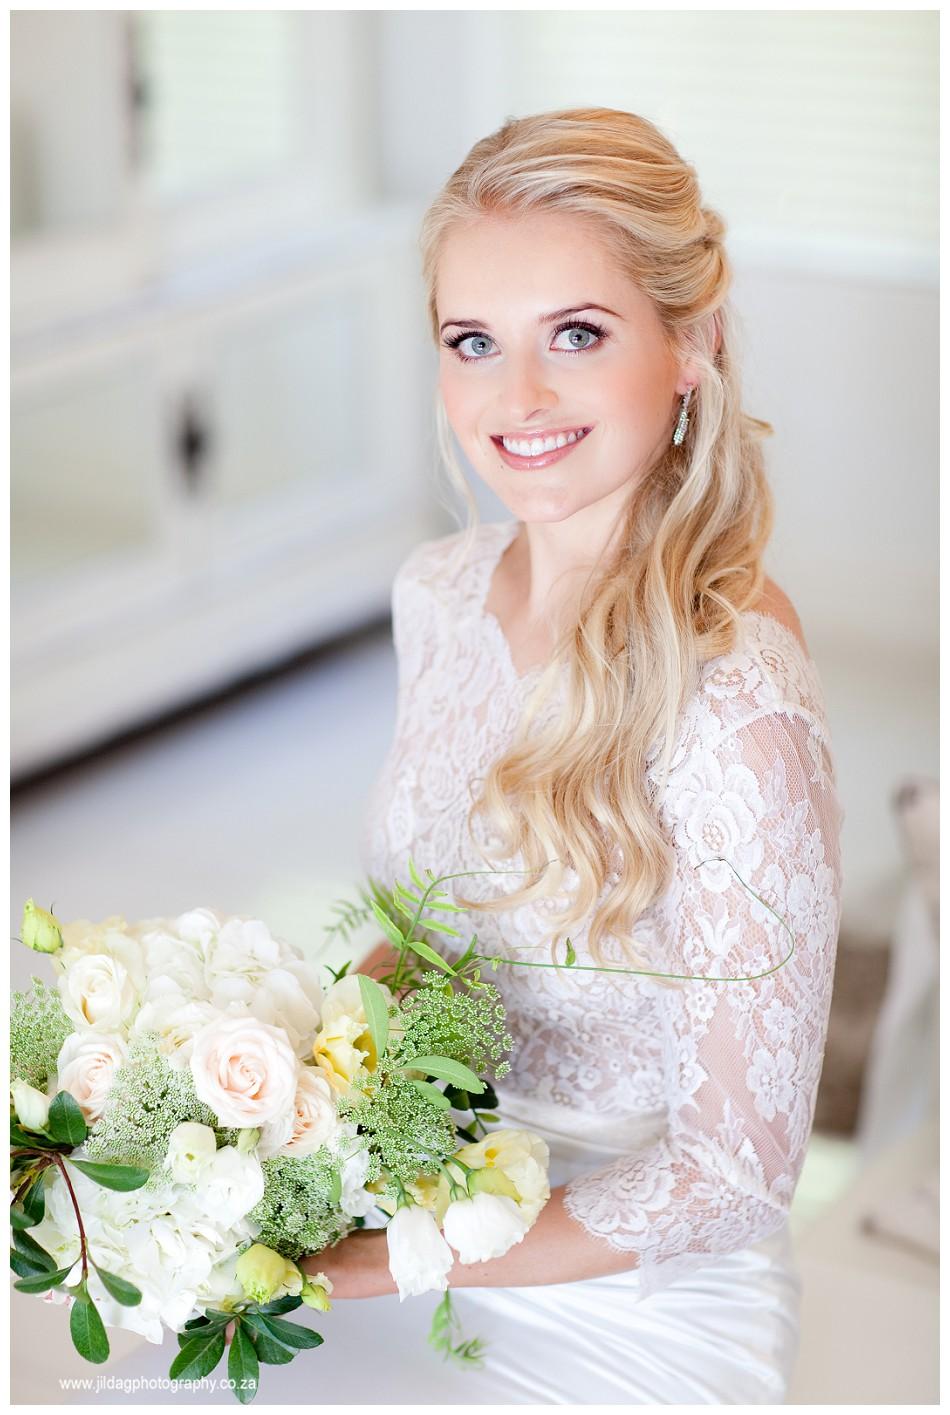 Jilda-g-photography-Cape-Town-wedding-photographer-Brnaissance_122